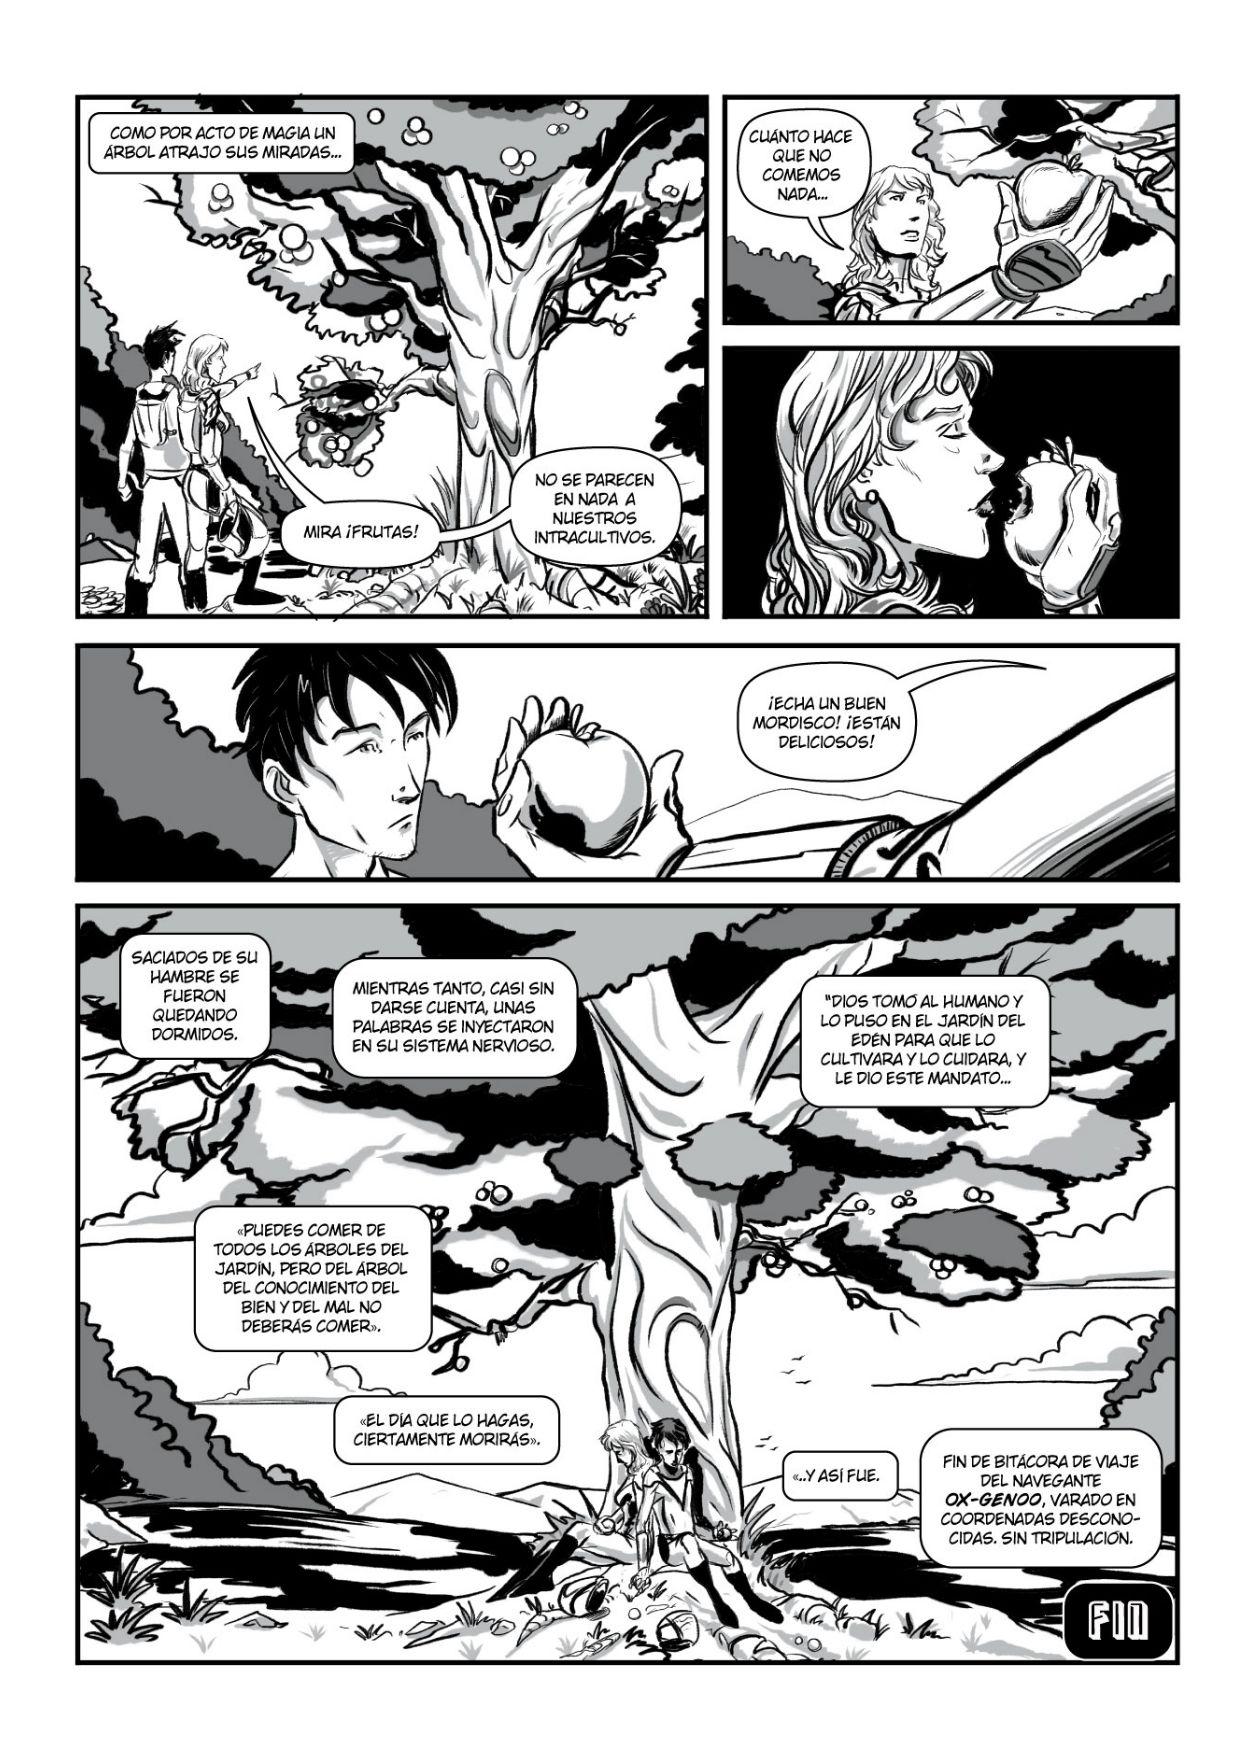 Monstruo-y-otras-historias-60